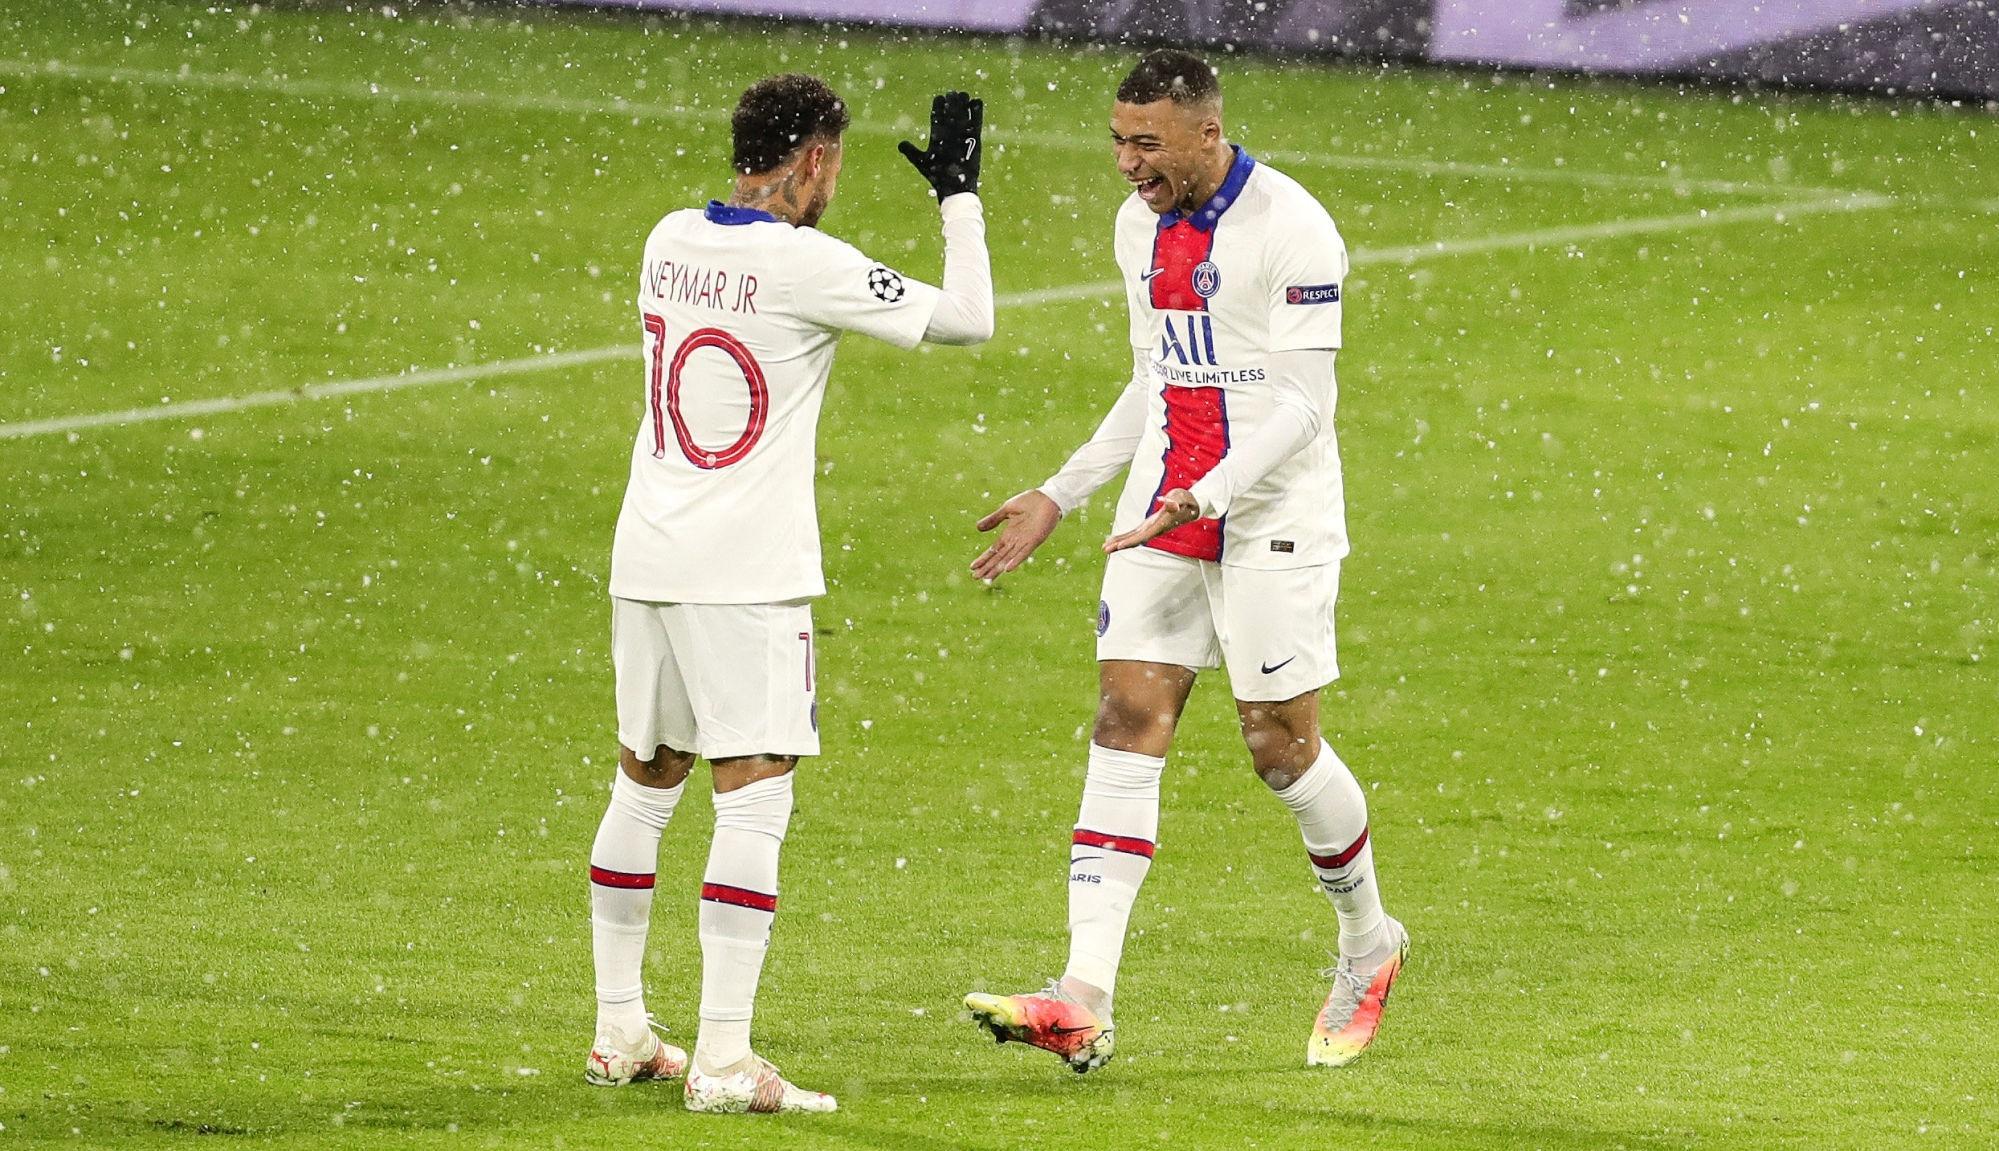 Bayern/PSG - Schéma, Neymar, domination et tactique, l'analyse de Pablo Correa